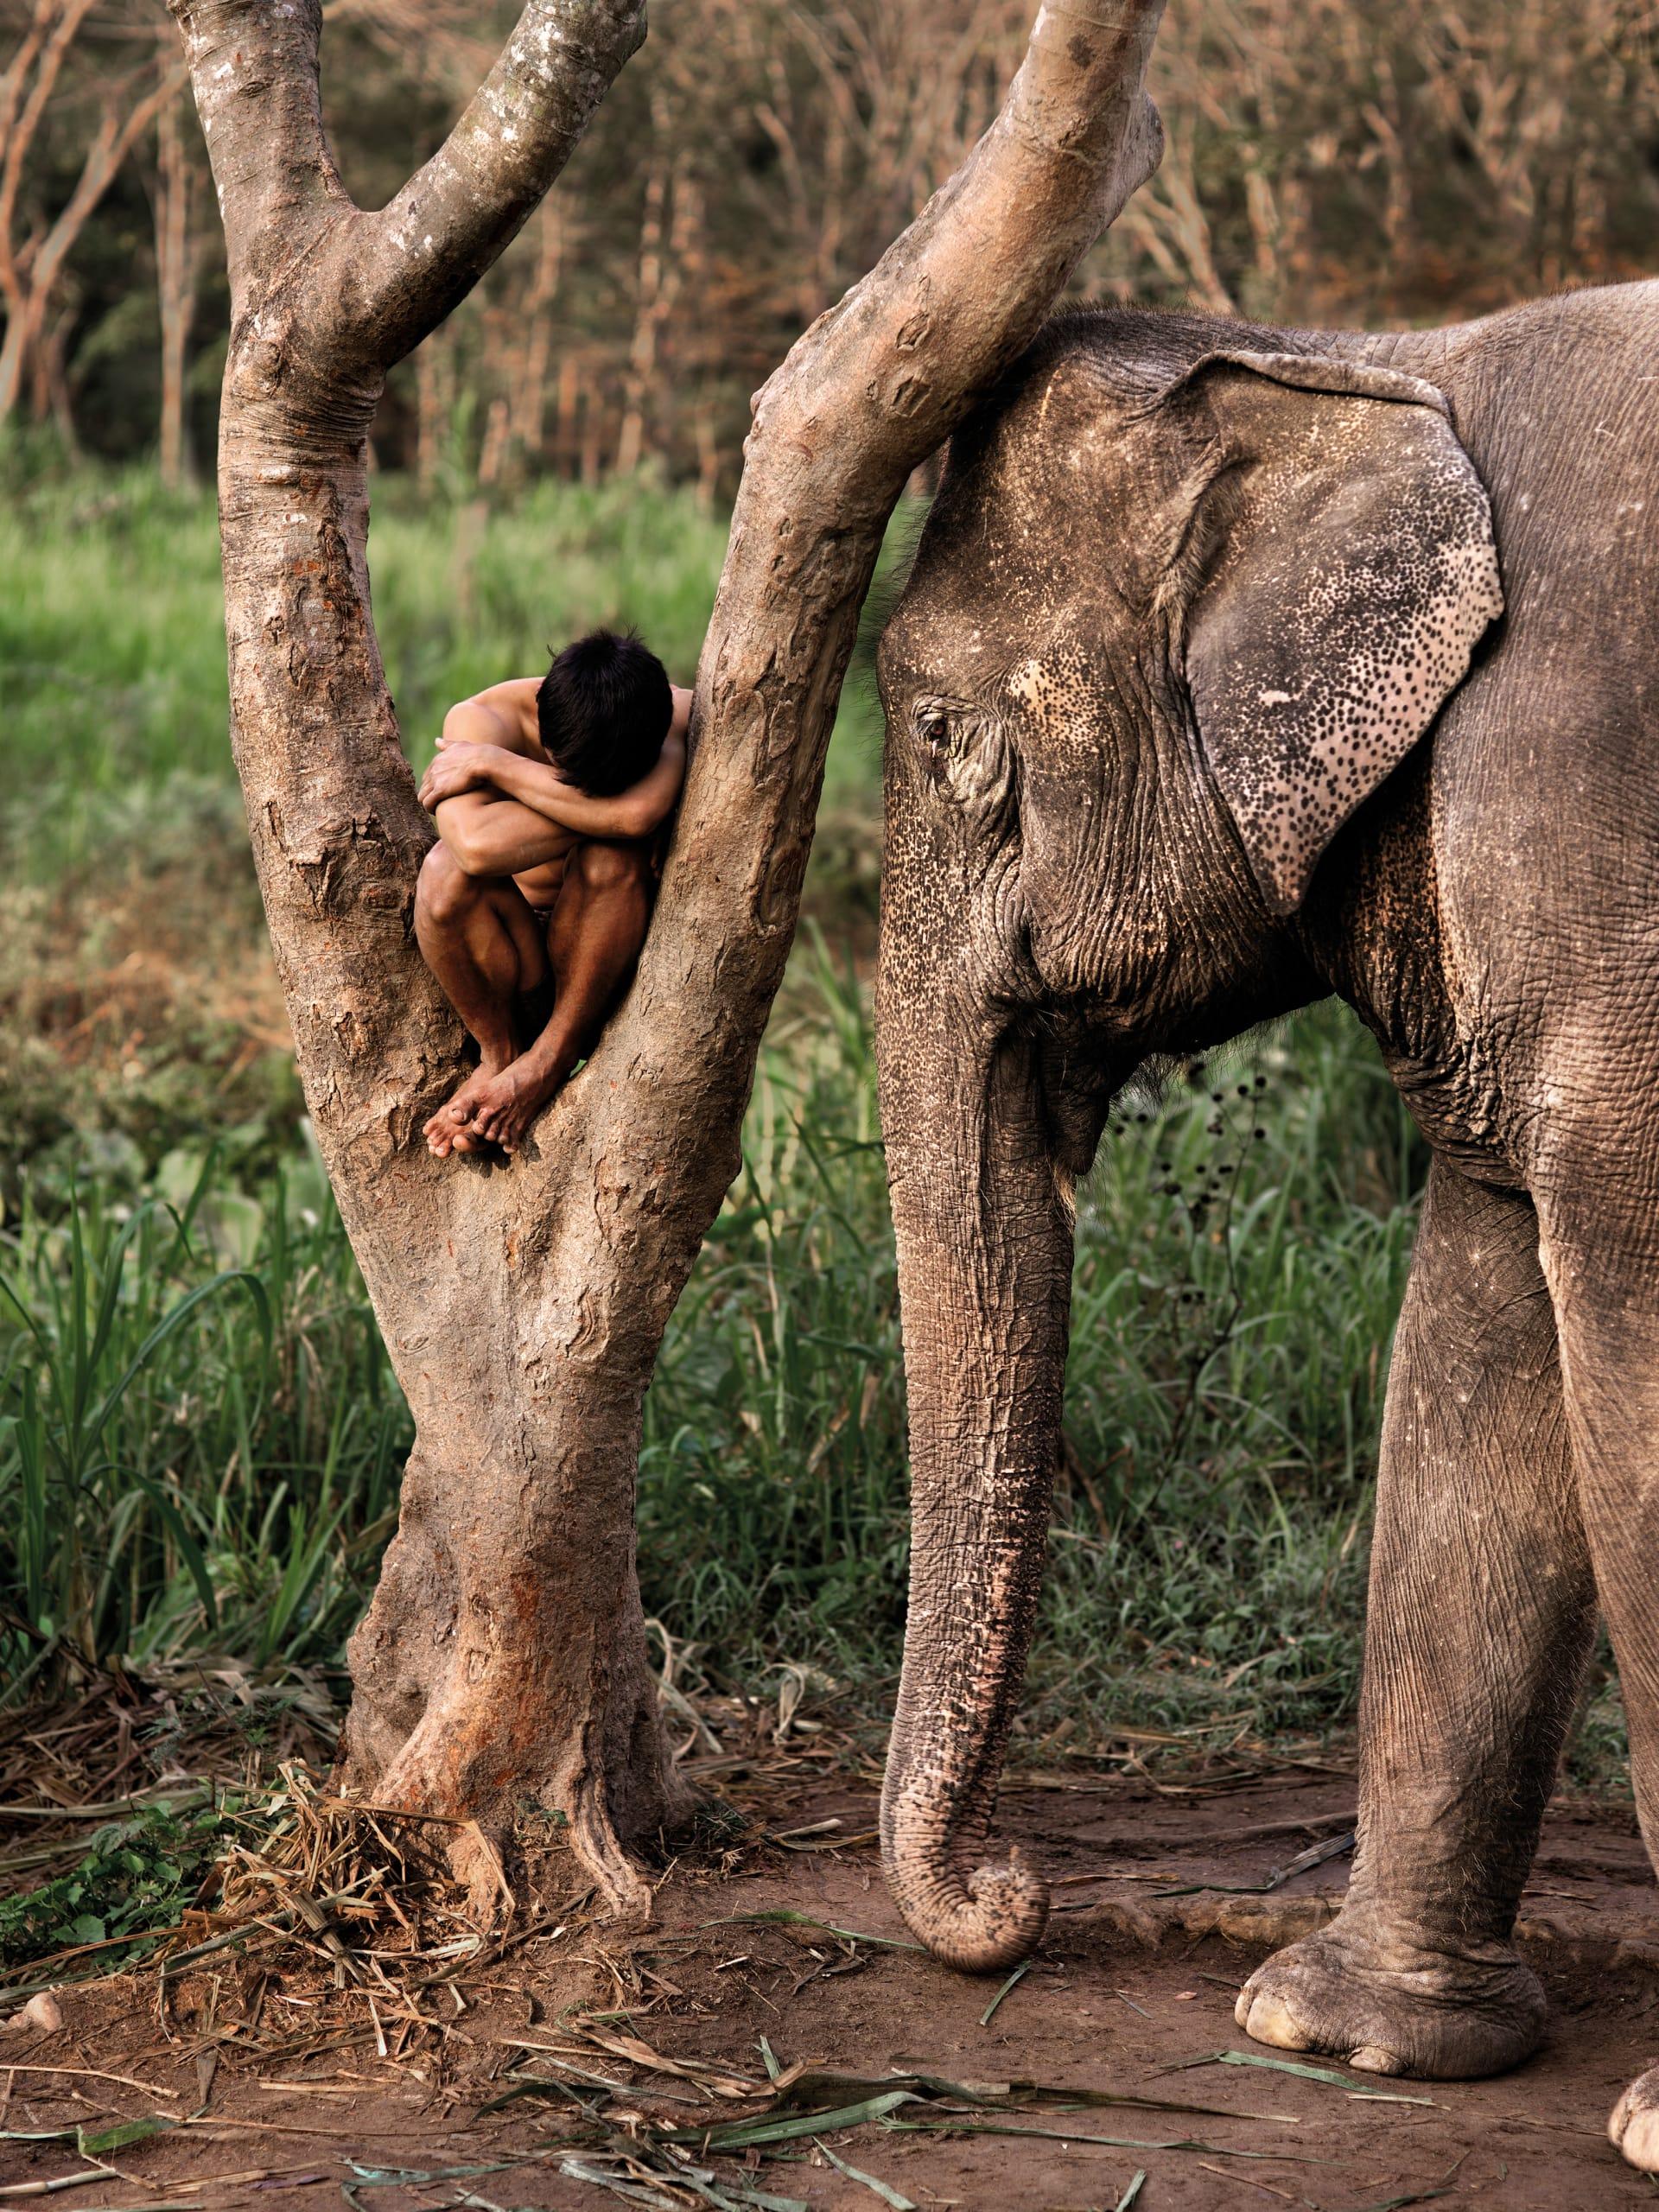 من الكويت إلى كمبوديا.. مصور يوثق العلاقة بين الإنسان والحيوان